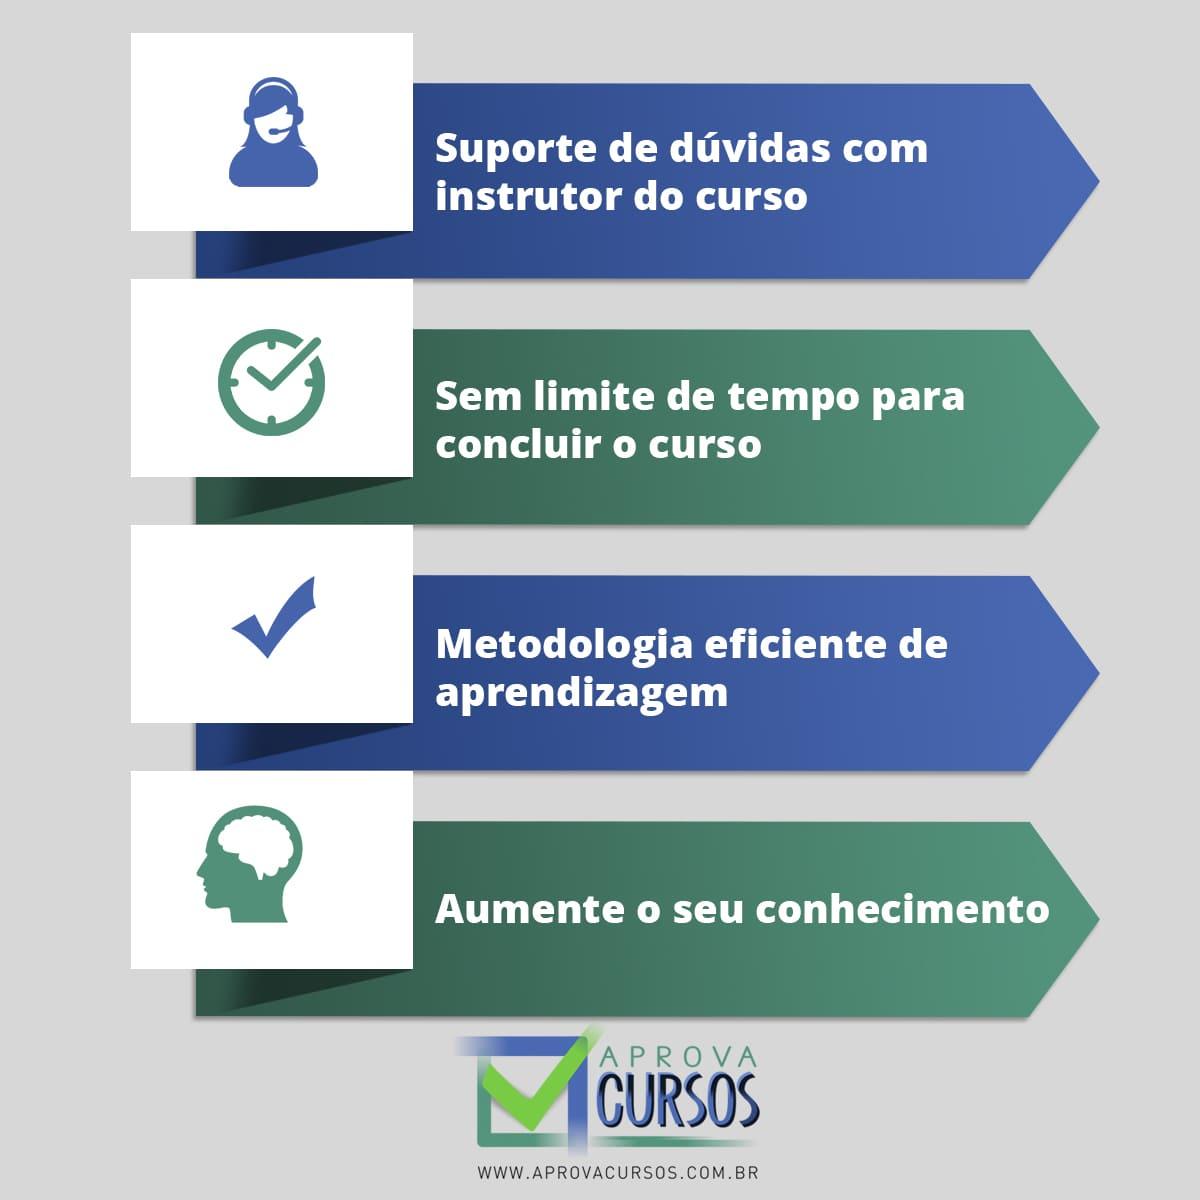 Curso Online de Atividades Lúdicas com Certificado  - Aprova Cursos